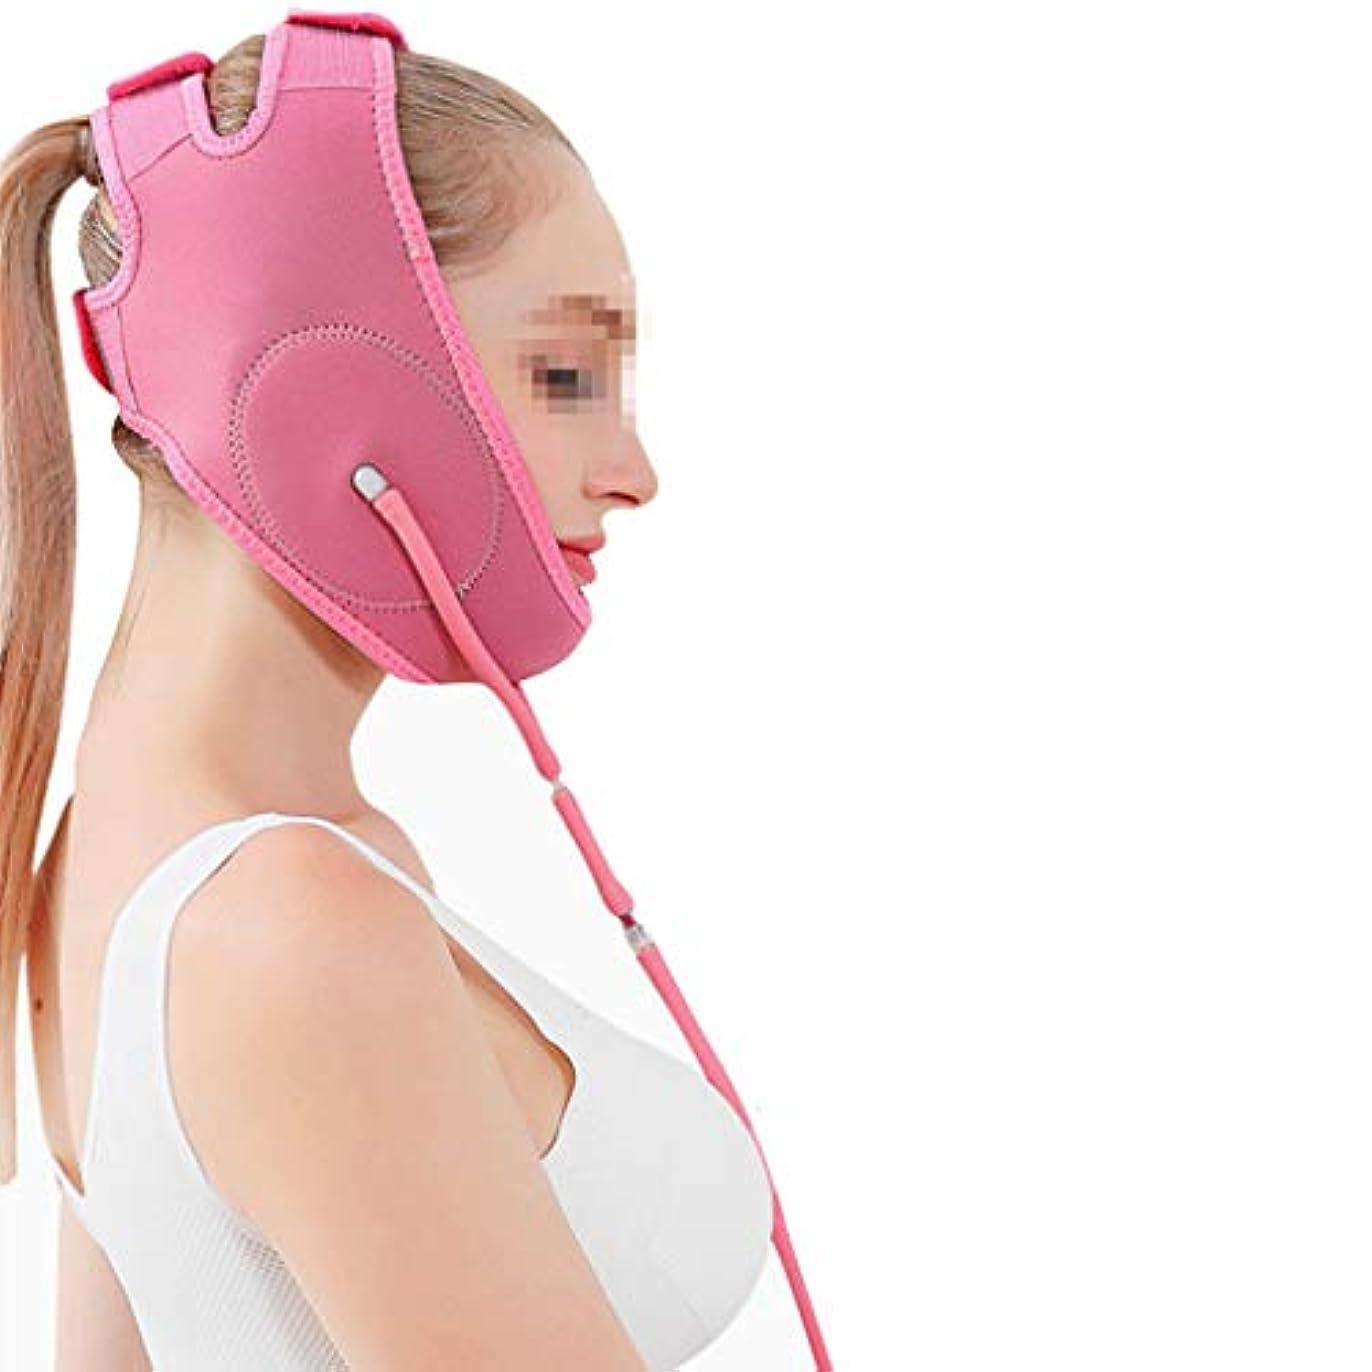 振る舞う今晩それXHLMRMJ 空気圧薄いフェイスベルト、マスク小さなVフェイス圧力リフティングシェーピングかみ傷筋肉引き締めパターン二重あご包帯薄いフェイス包帯マルチカラーオプション (Color : Pink)